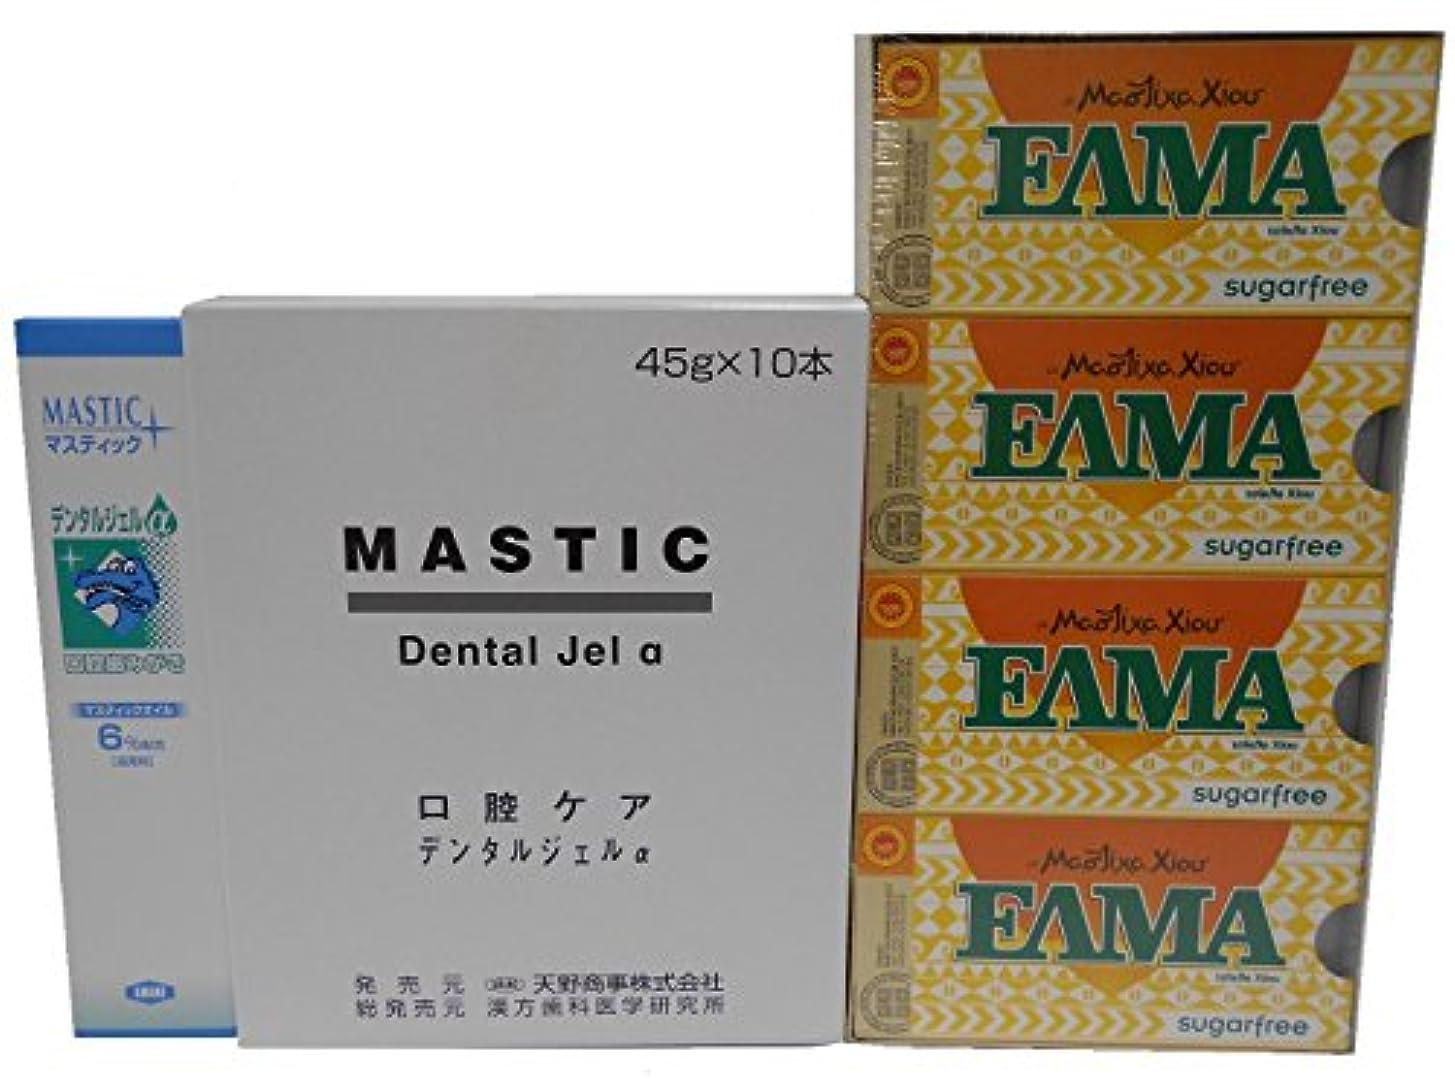 オーバードローから聞くネイティブMASTIC マスティックデンタルジェルα45gX10個+ELMAマスティックガム(10粒x20シート入り)1箱セット